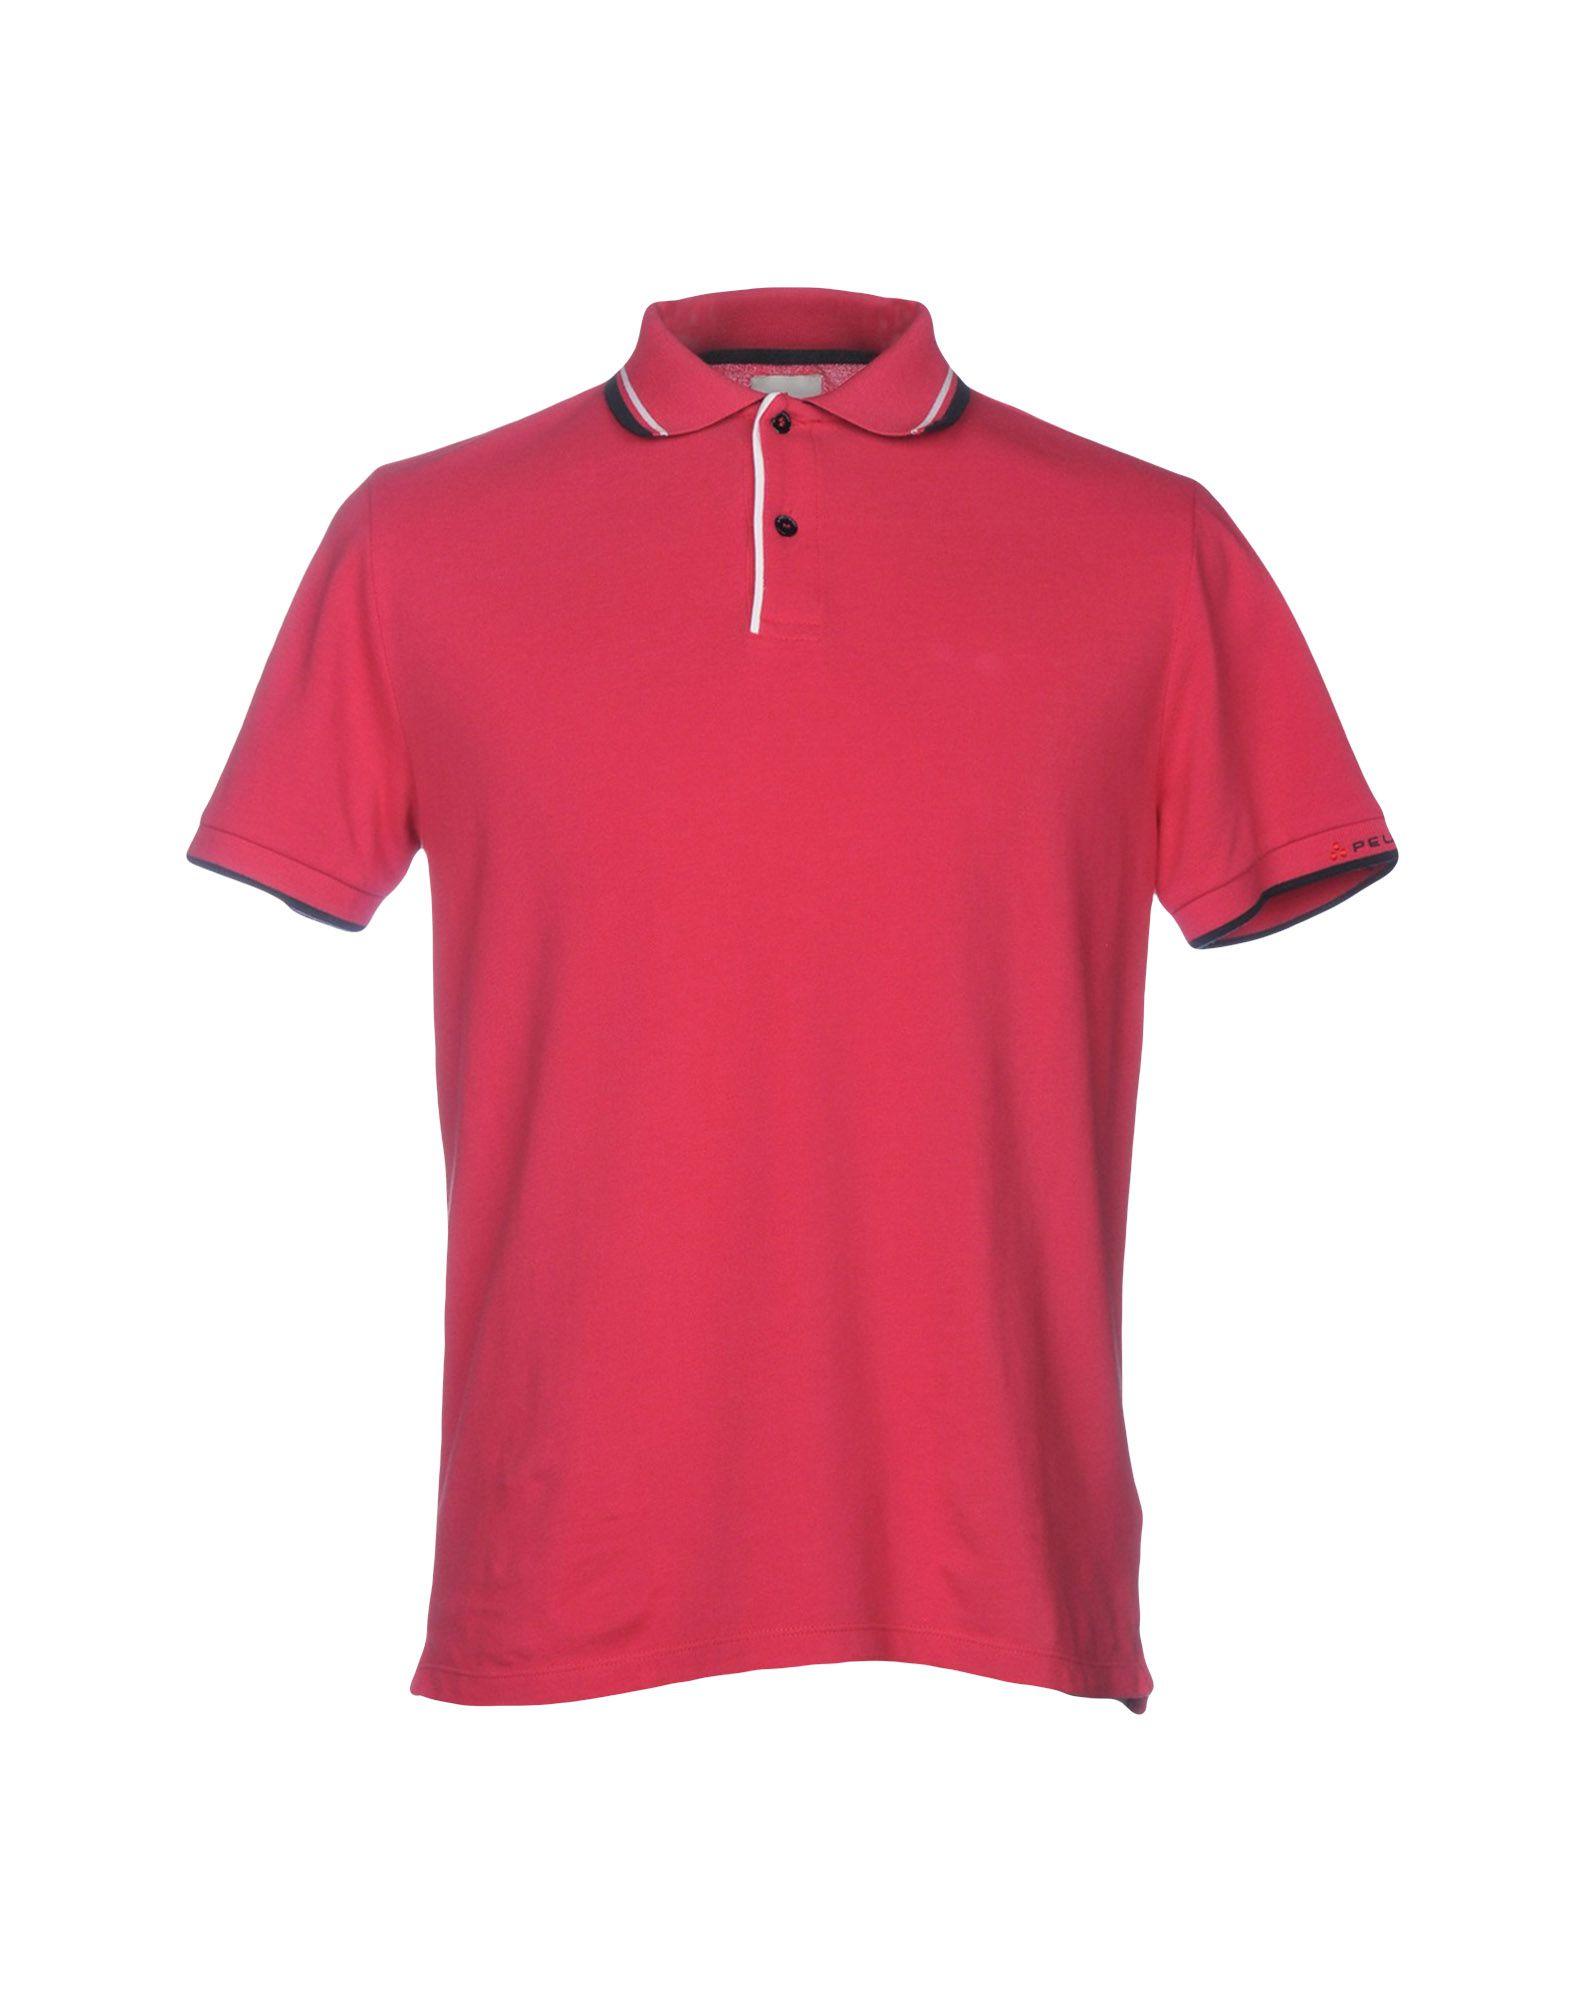 《送料無料》PEUTEREY メンズ ポロシャツ フューシャ S 100% コットン